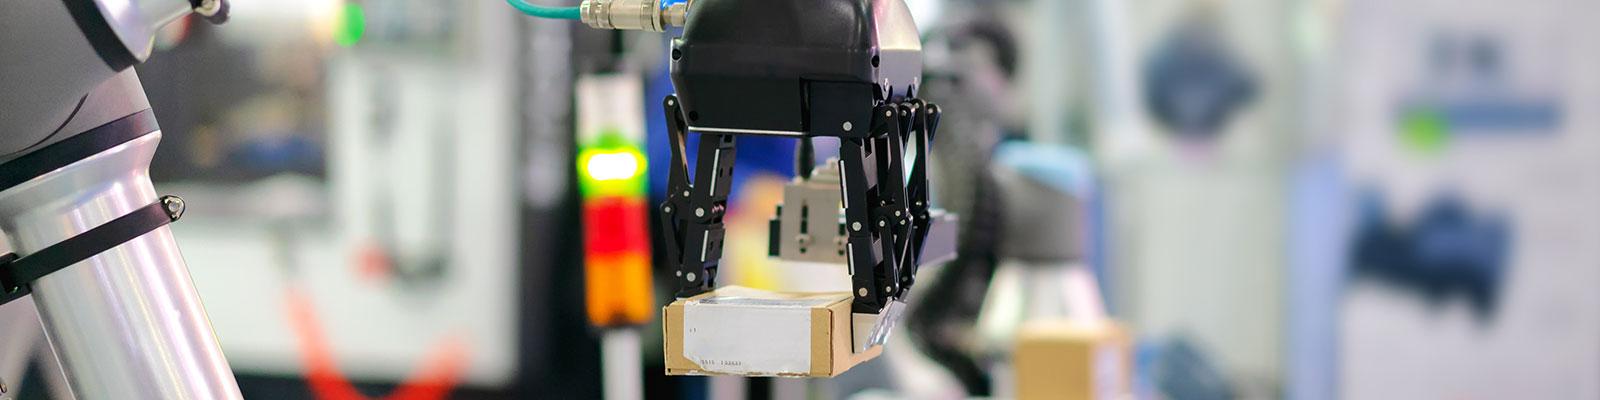 Roboterarm zum Thema Industrie 4.0